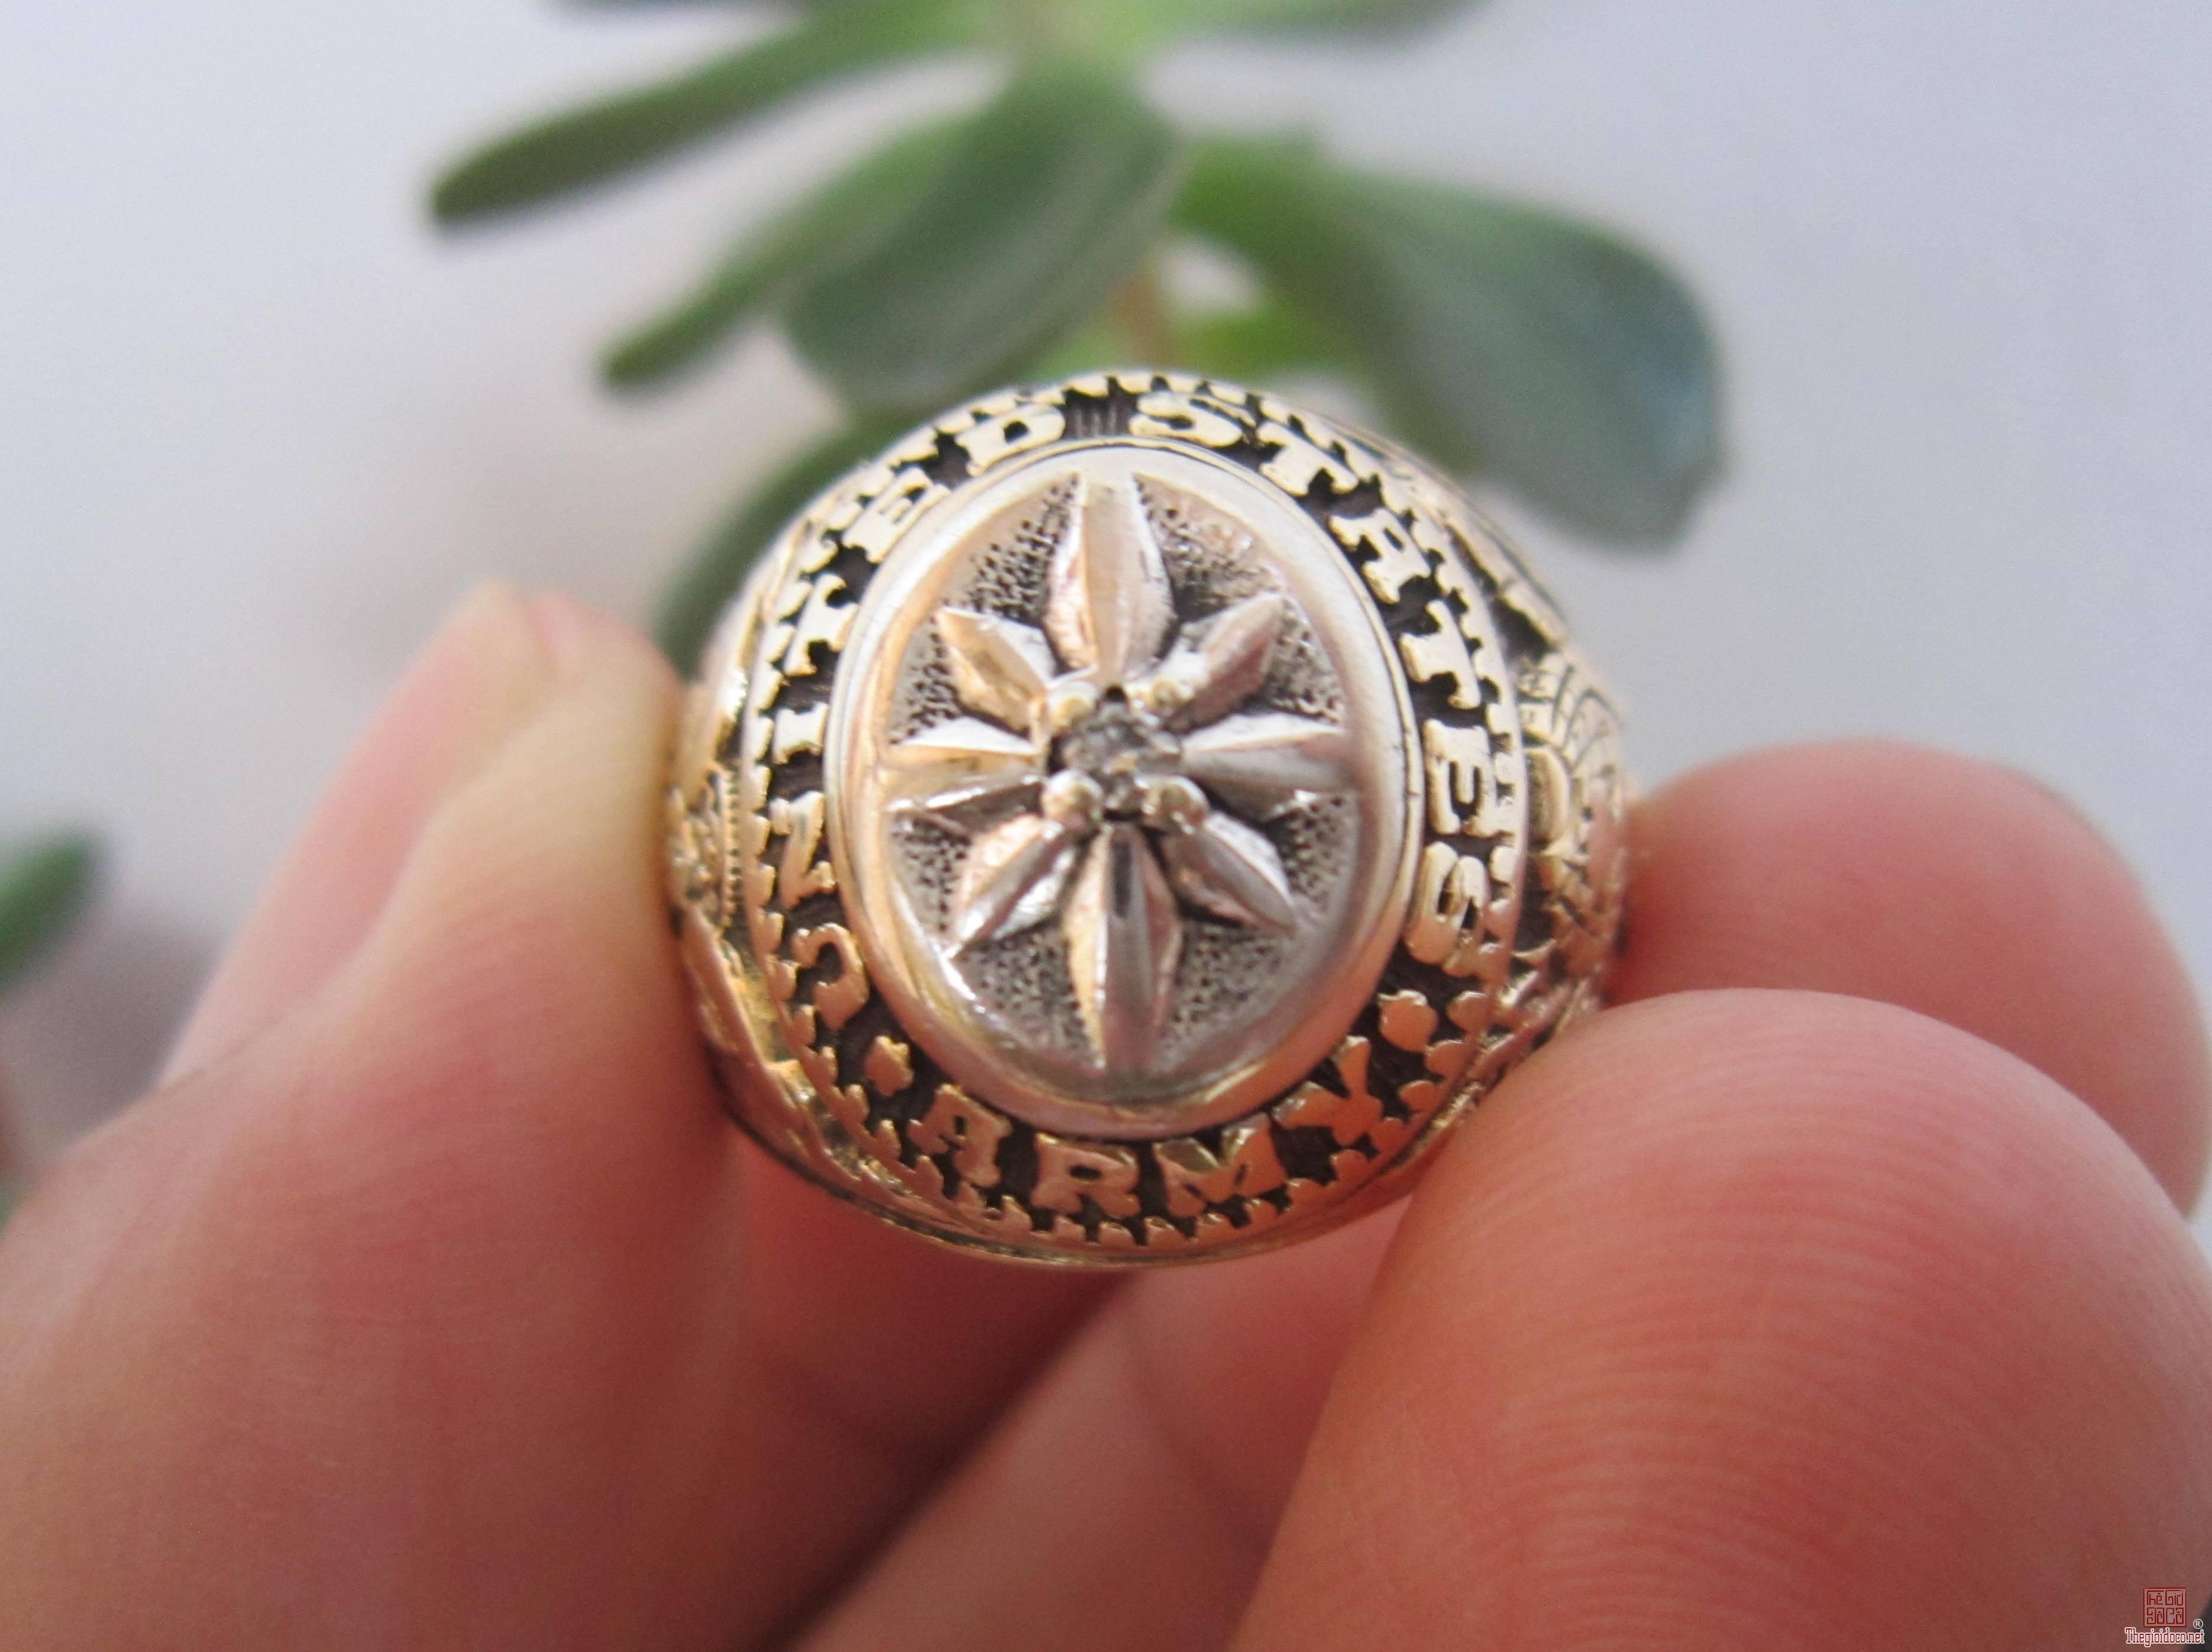 Nhẫn vàng 10K, Bộ binh Hoa Kỳ, xoàn thiên nhiên trên hình ngôi sao bắc đẩu.